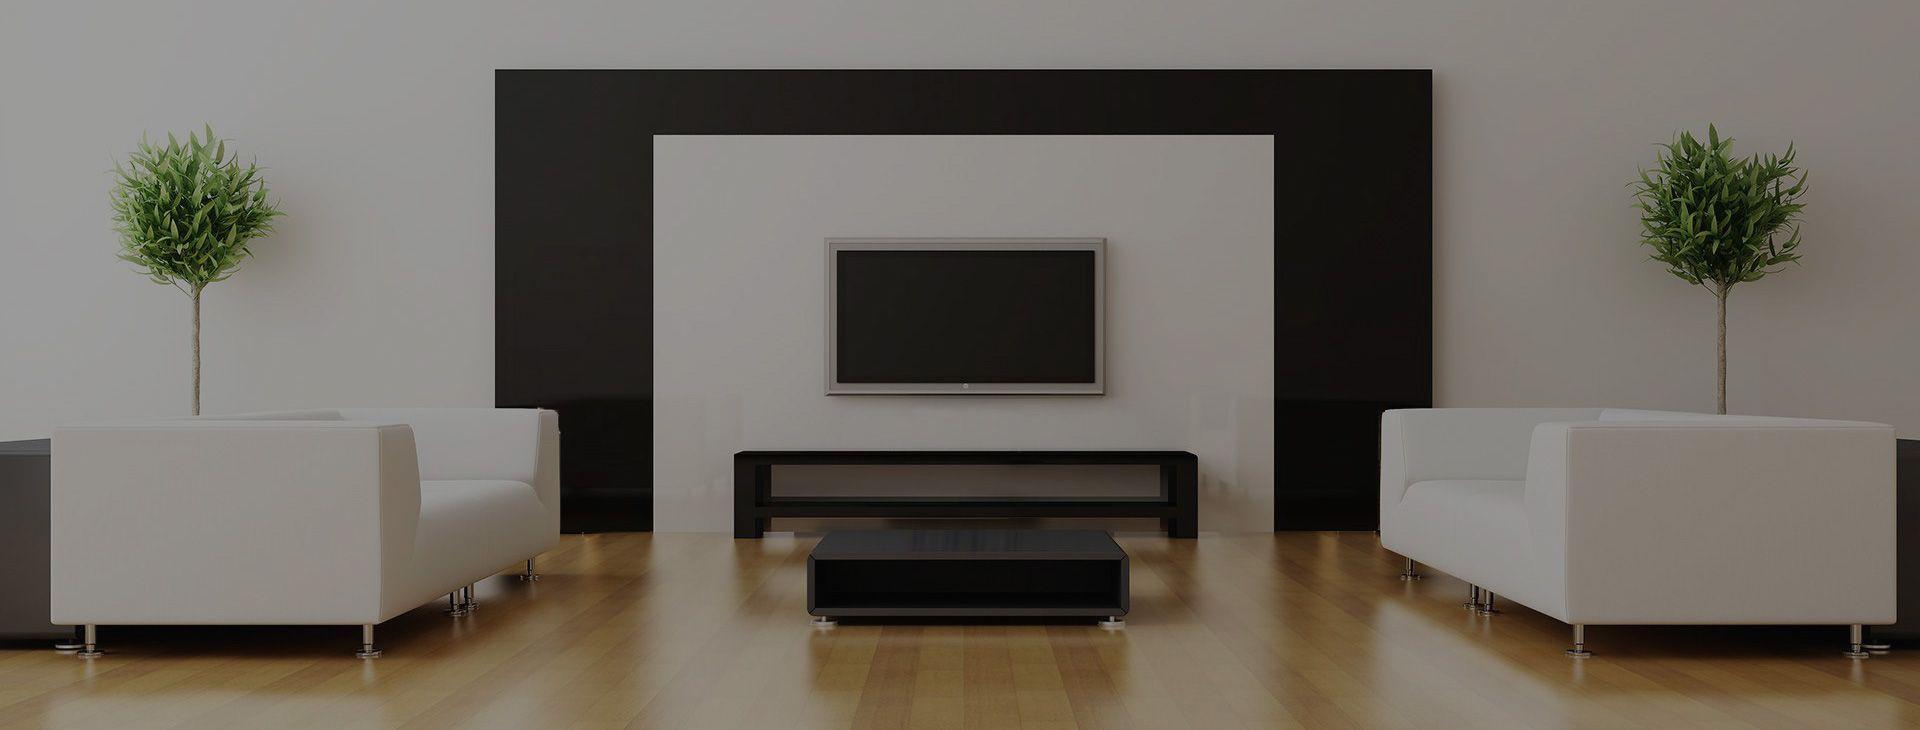 d pannage entretien chauffage chaudiere rouen et elbeuf. Black Bedroom Furniture Sets. Home Design Ideas